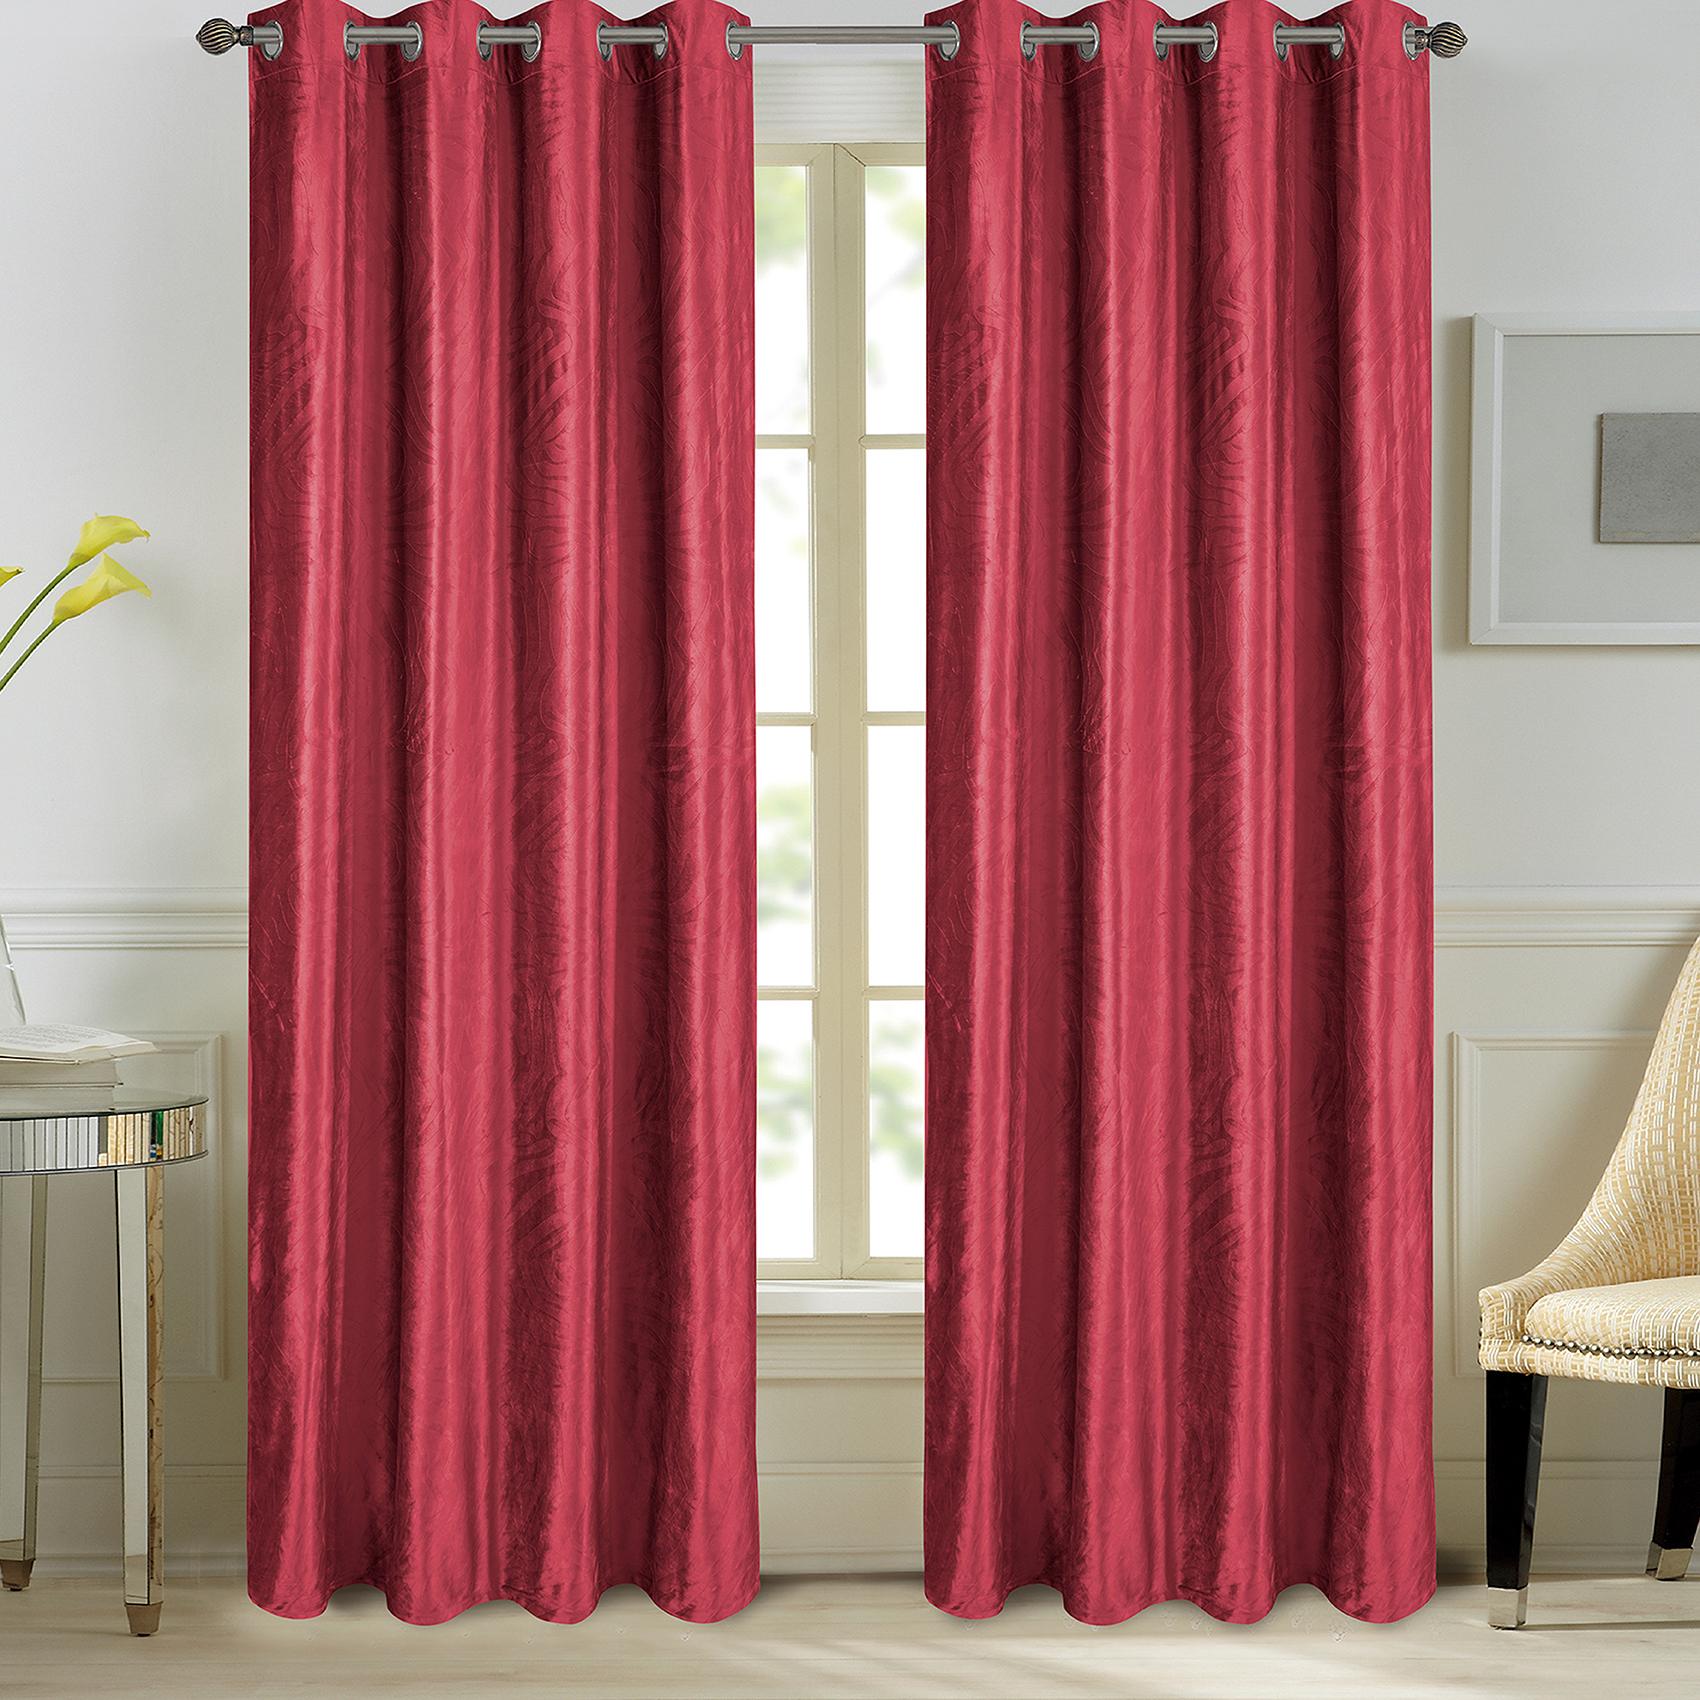 Paire de rideaux en velours et motifs frappés velours bordeaux 260x140